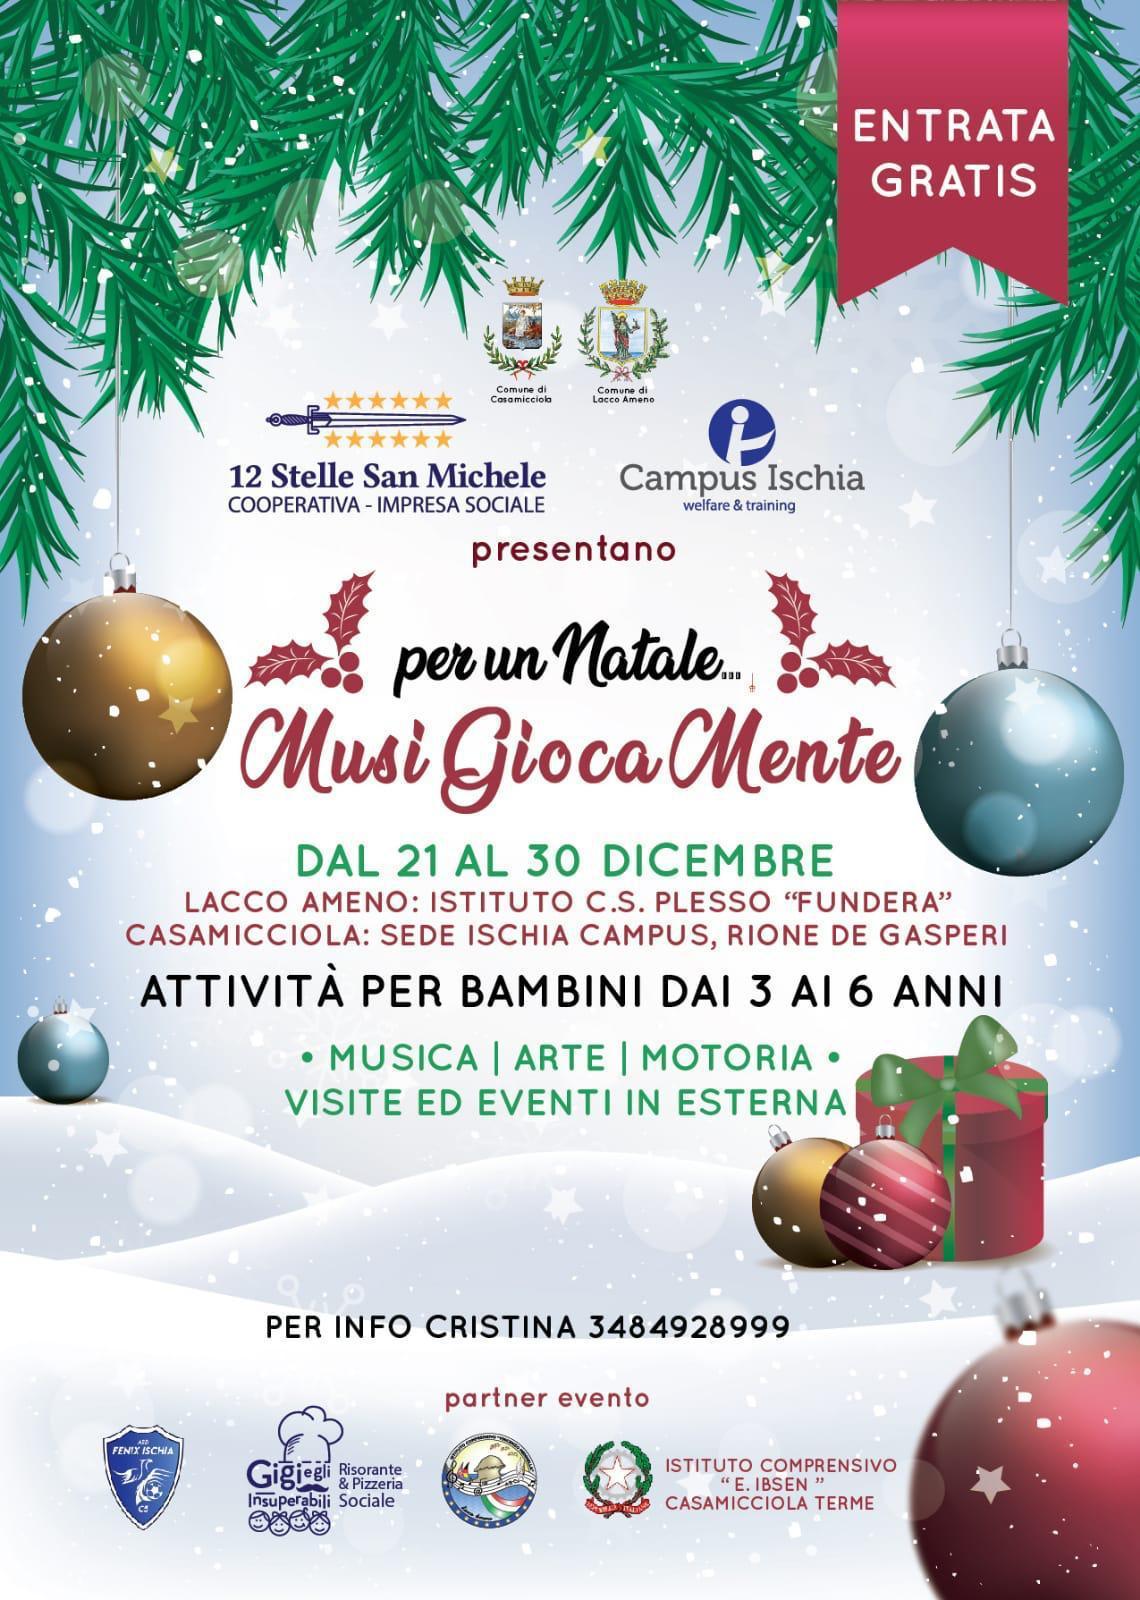 Tante opere per festeggiare insieme. Musigiocamente A Natale Gratuitamente Sport Musica E Arte Per I Bambini Nuvola Tv Ischia